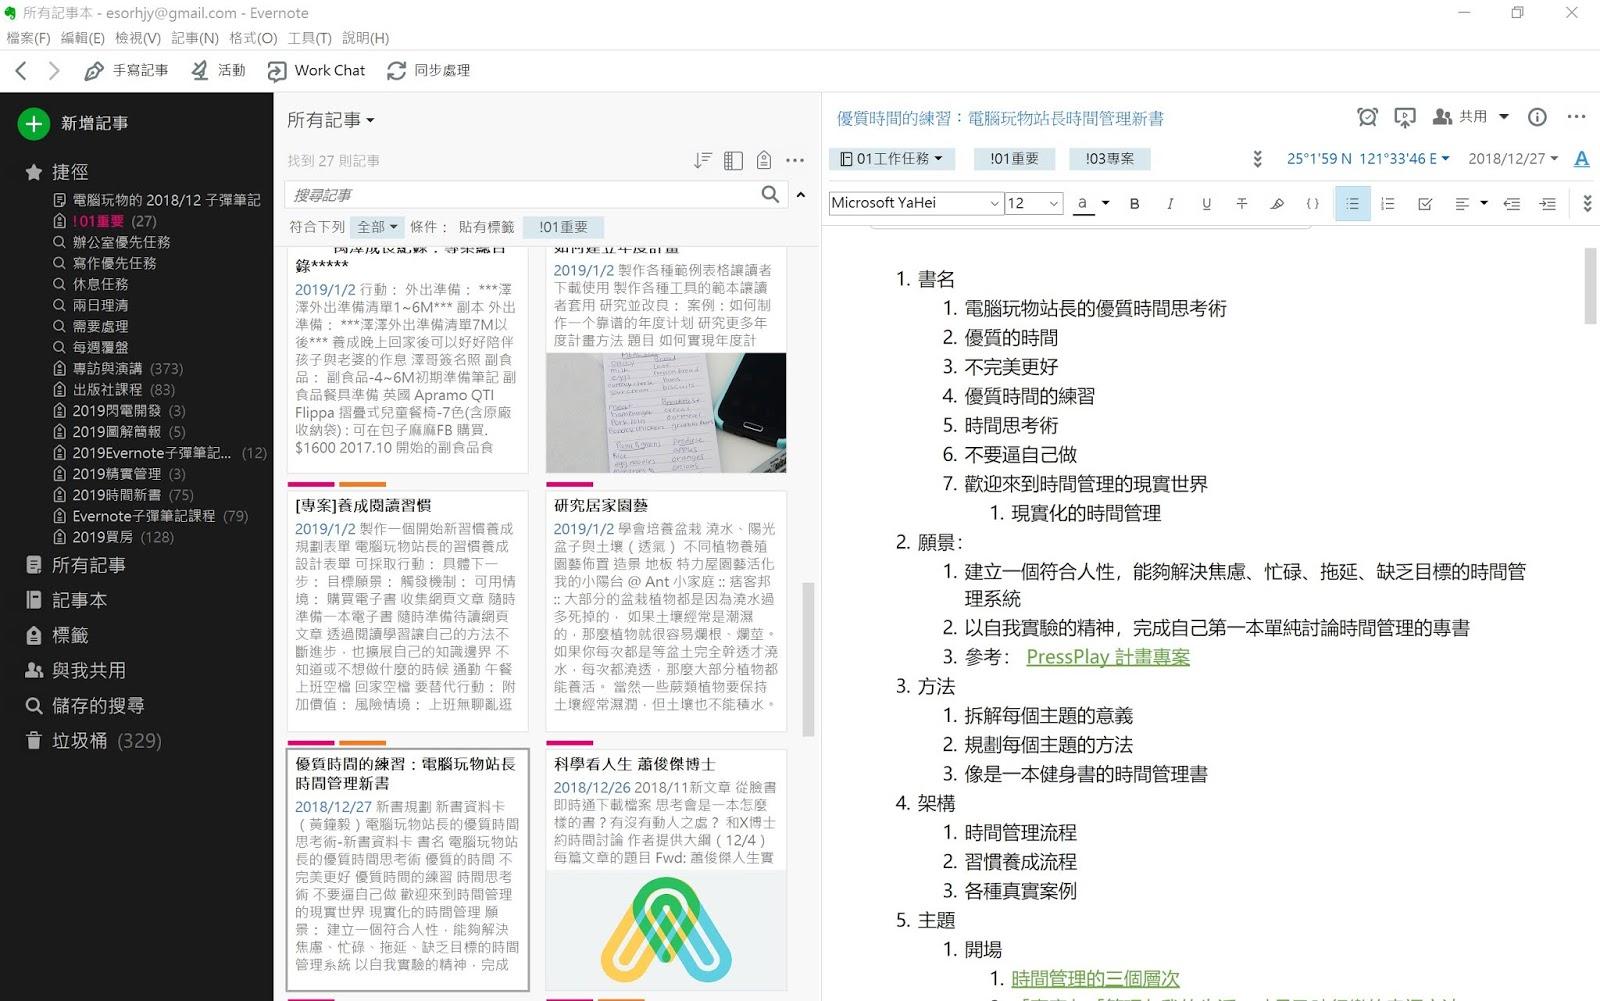 如何重新整理 Evernote 筆記?完整教學流程的重新排序分享